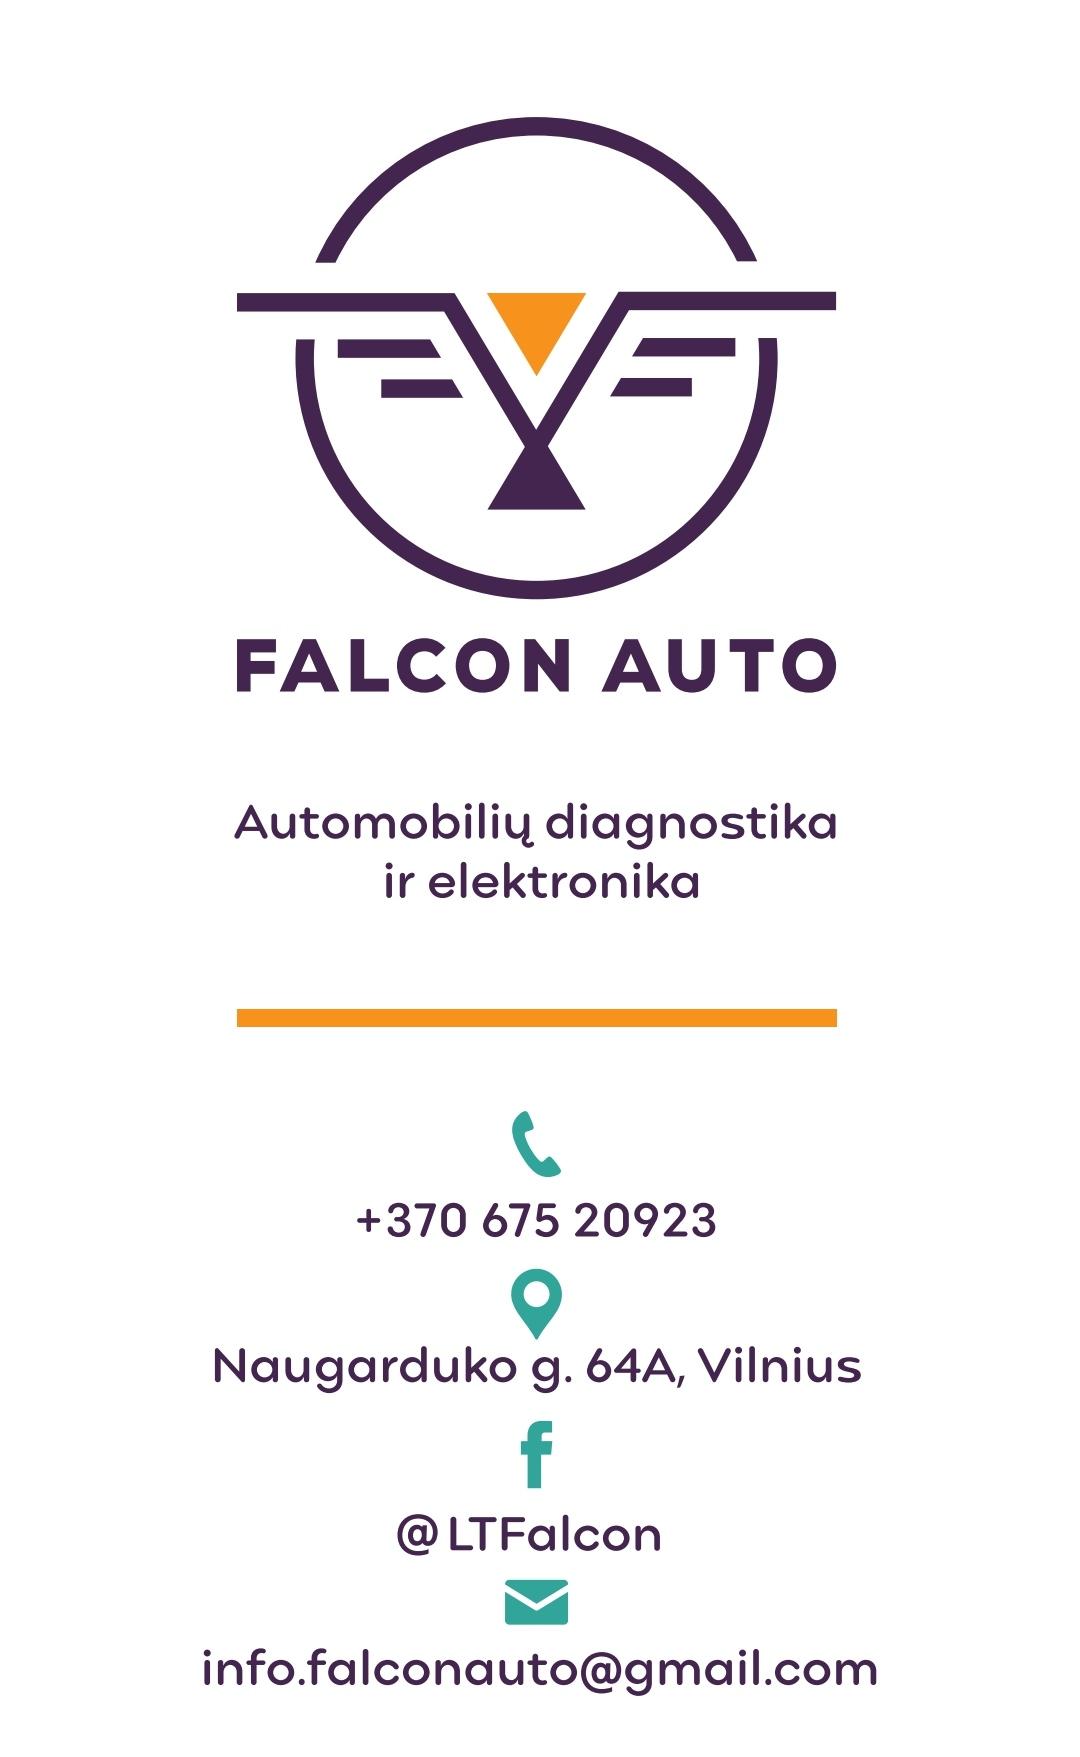 Falcon auto